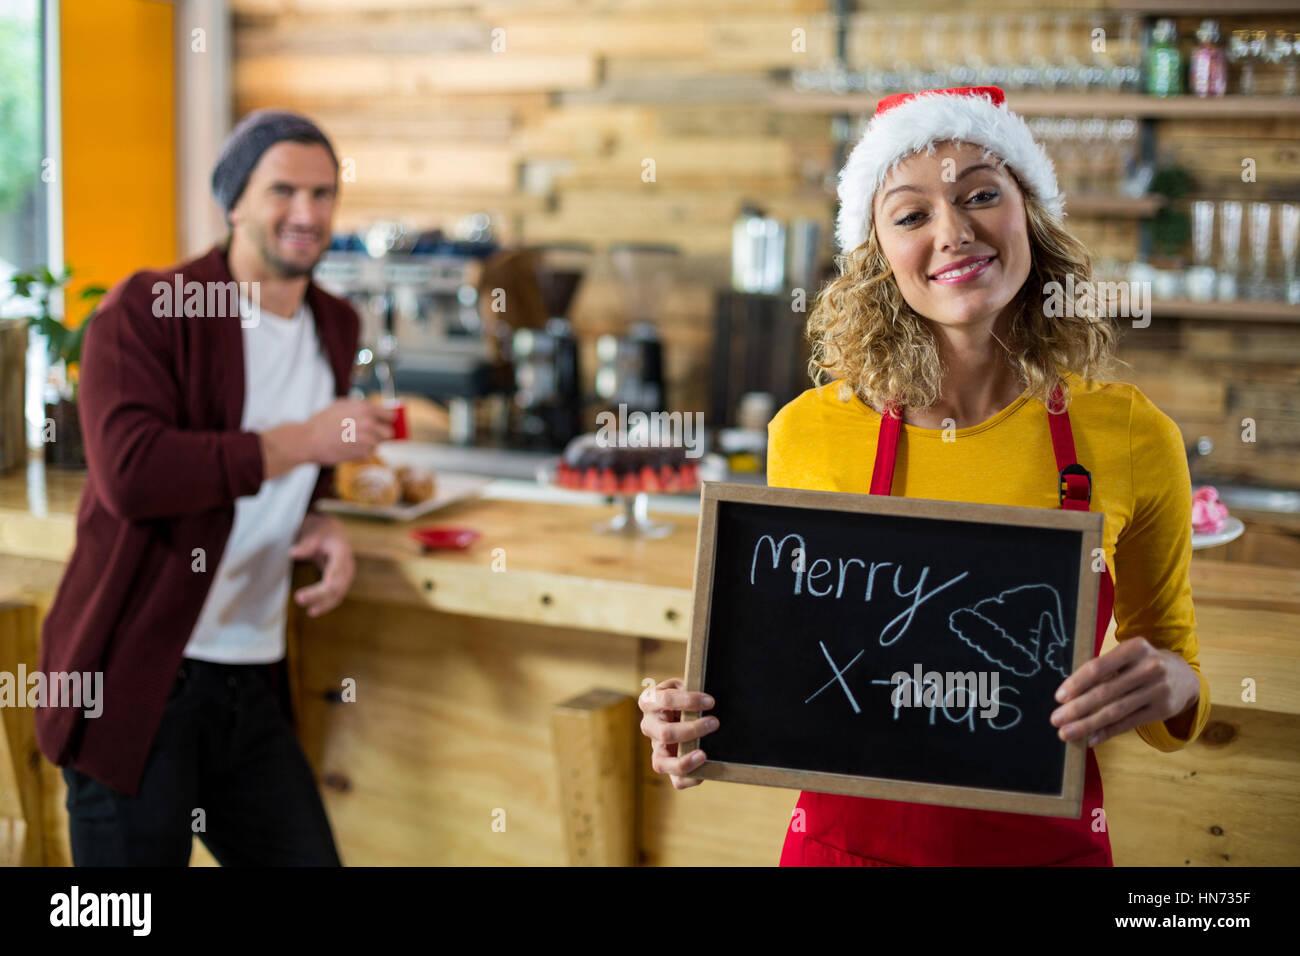 Retrato de camarera sonriente con permanente merry x mas letrero en cafe Imagen De Stock